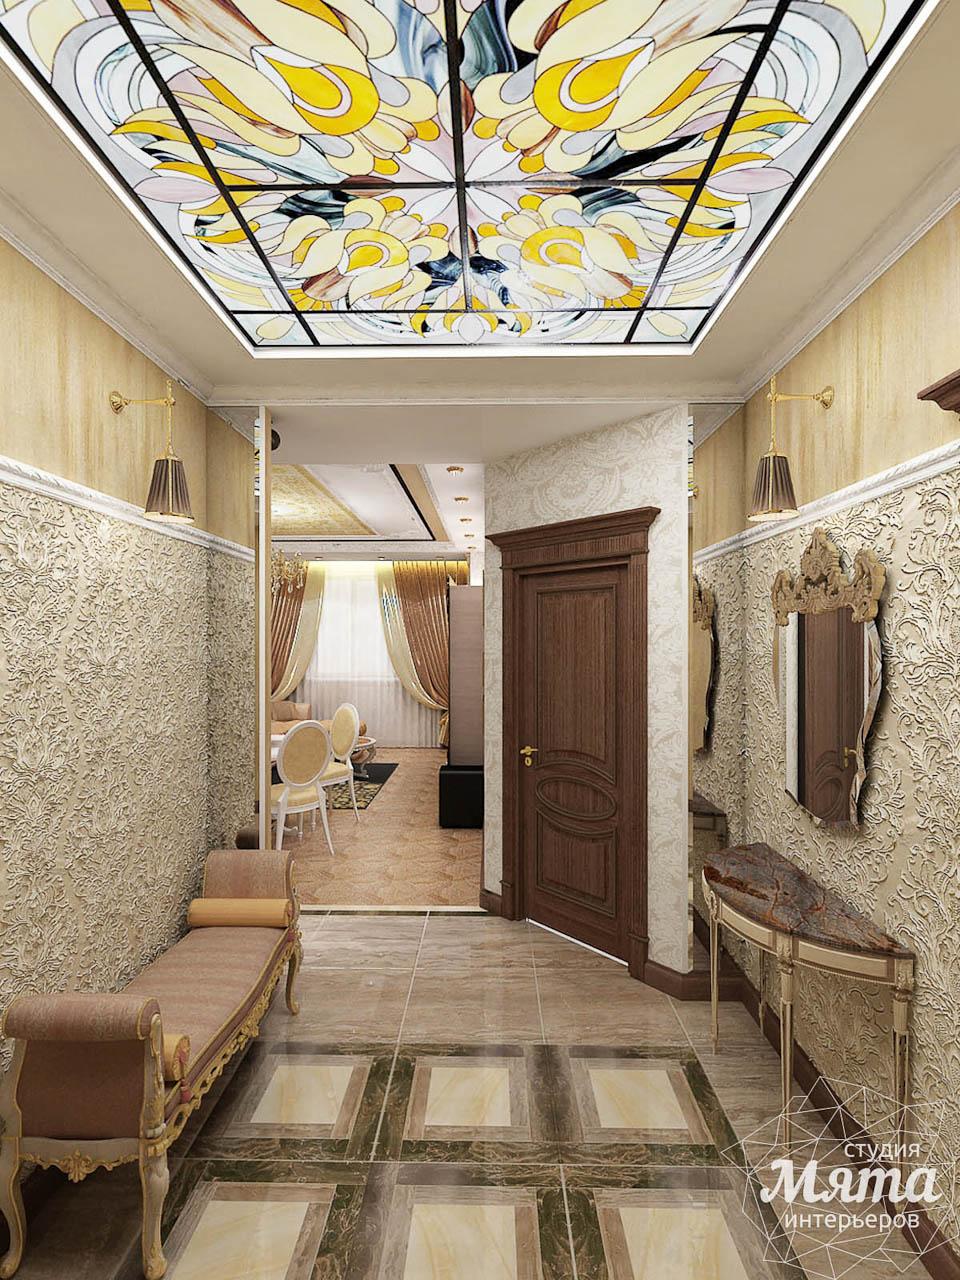 Дизайн интерьера двухкомнатной квартиры по ул. Мельникова 38 img1633409839